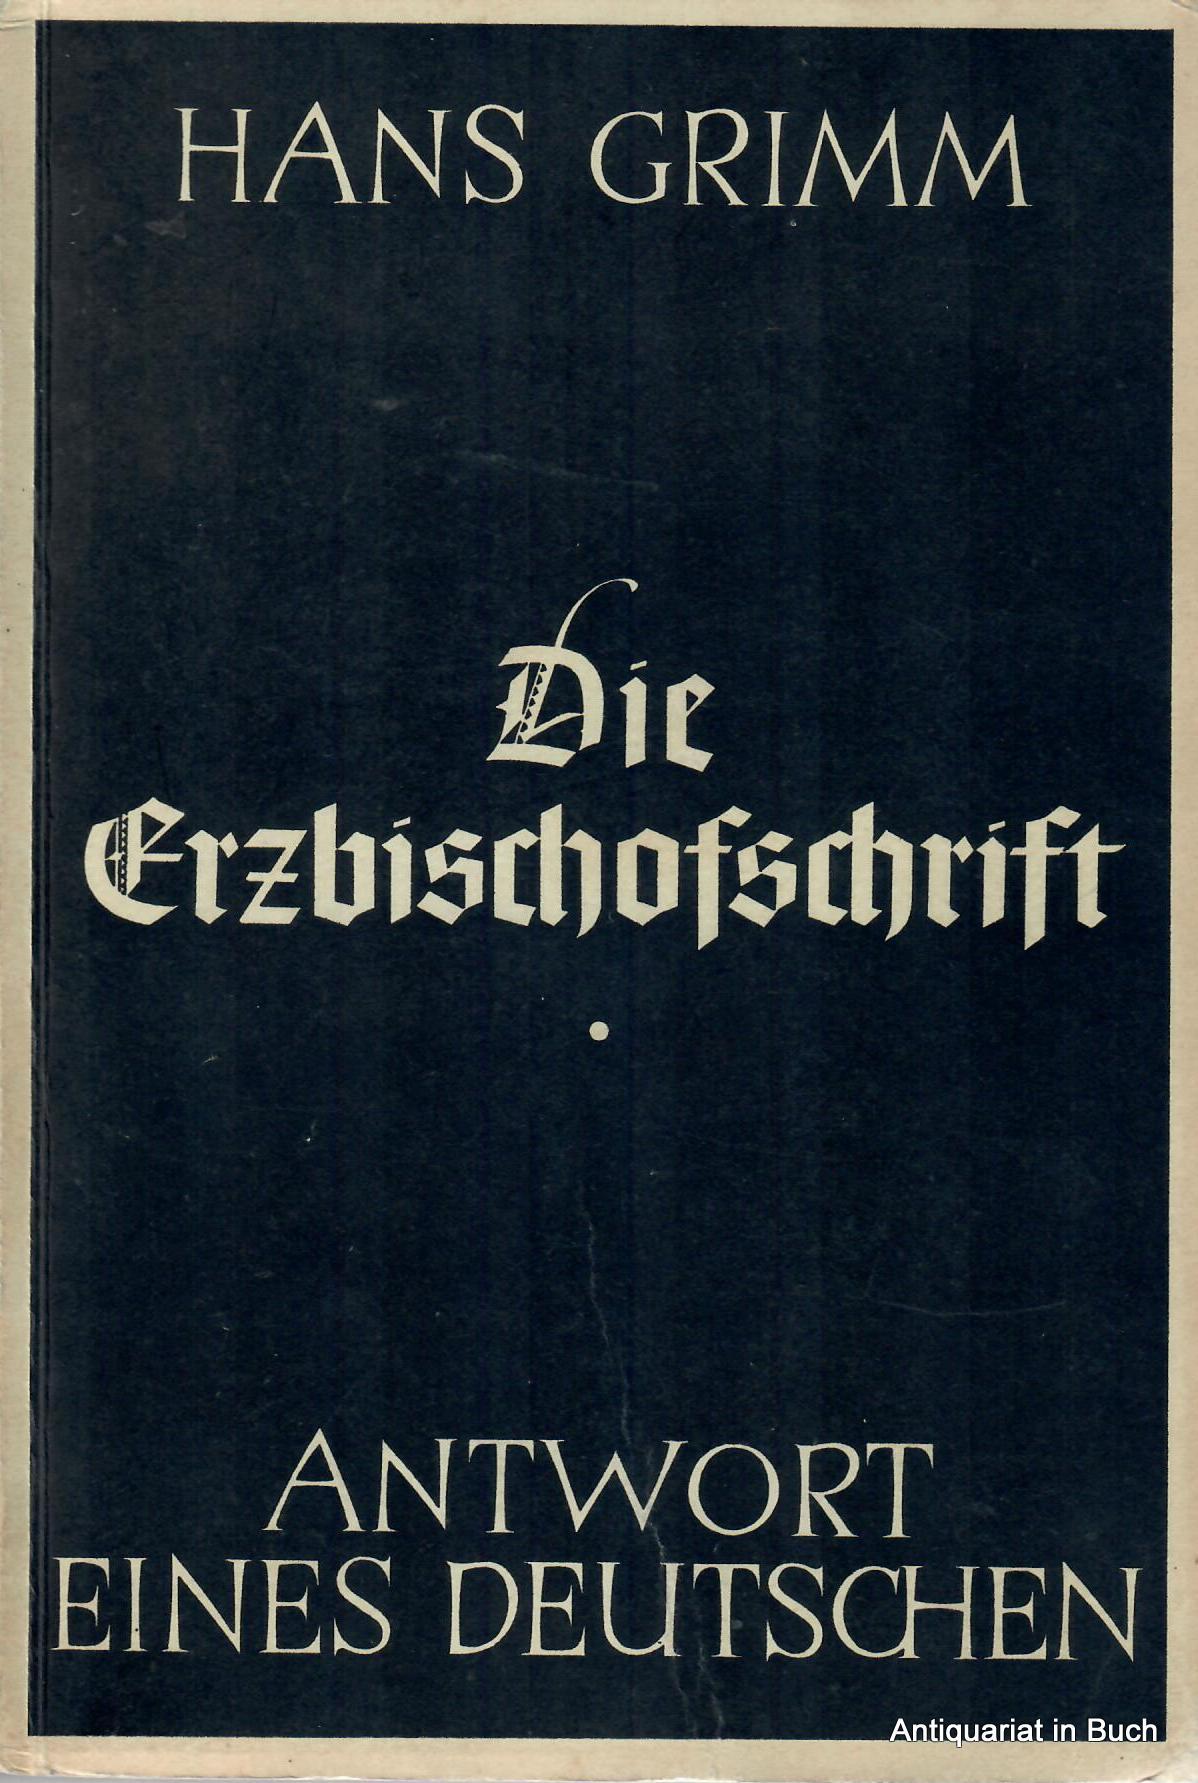 """Die Erzbischofschrift von Hans Grimm : Antwort eines Deutschen - Die Erzbischofschrift : Deutscher Verlag """"El Buen Libro"""" Buenos Aires 1950"""